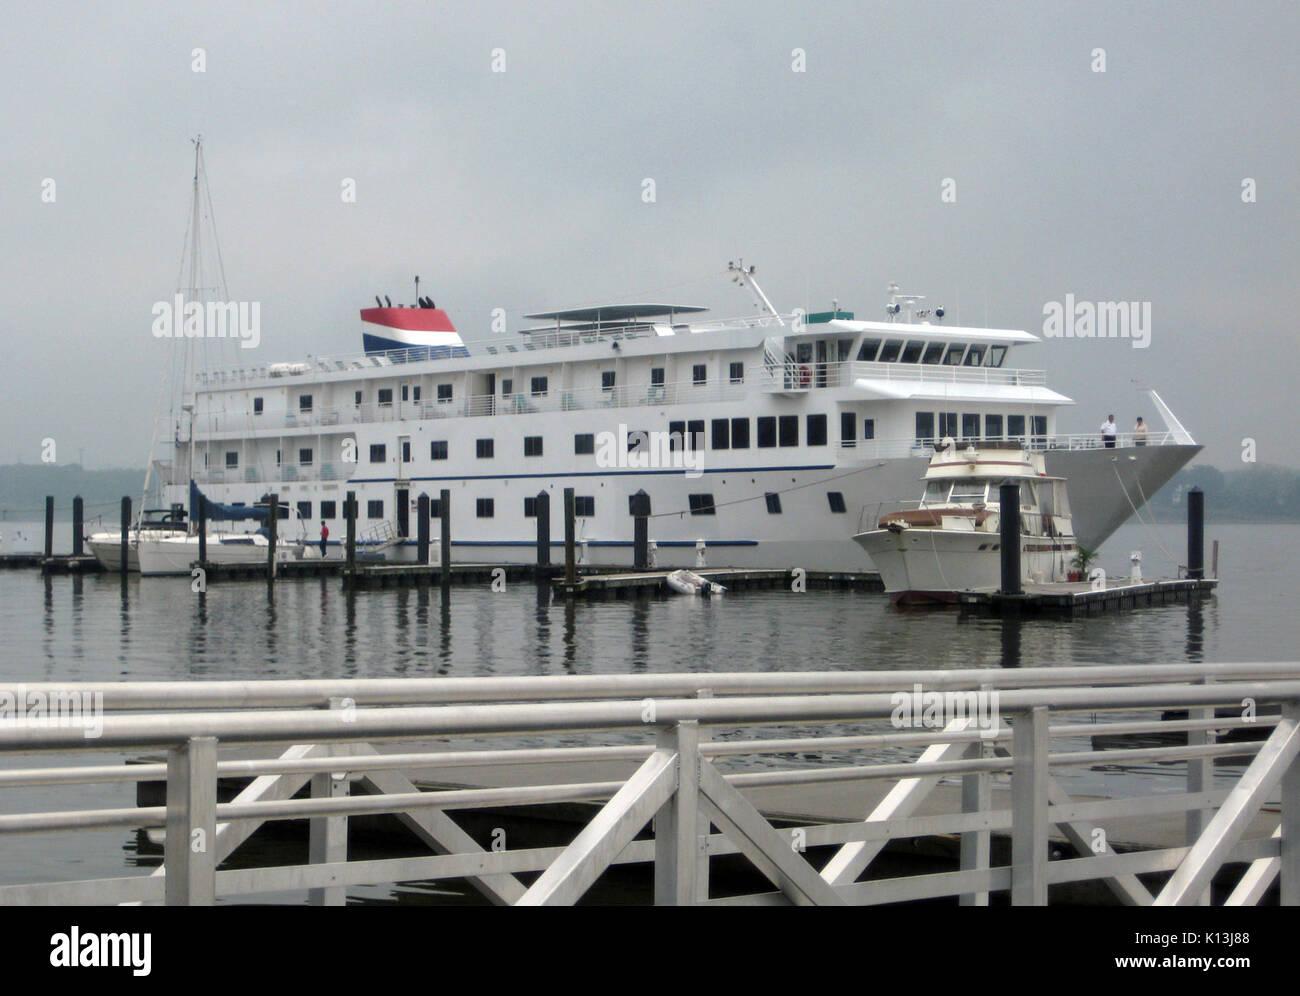 American Spirit in Havre de Grace 20110515 Stock Photo